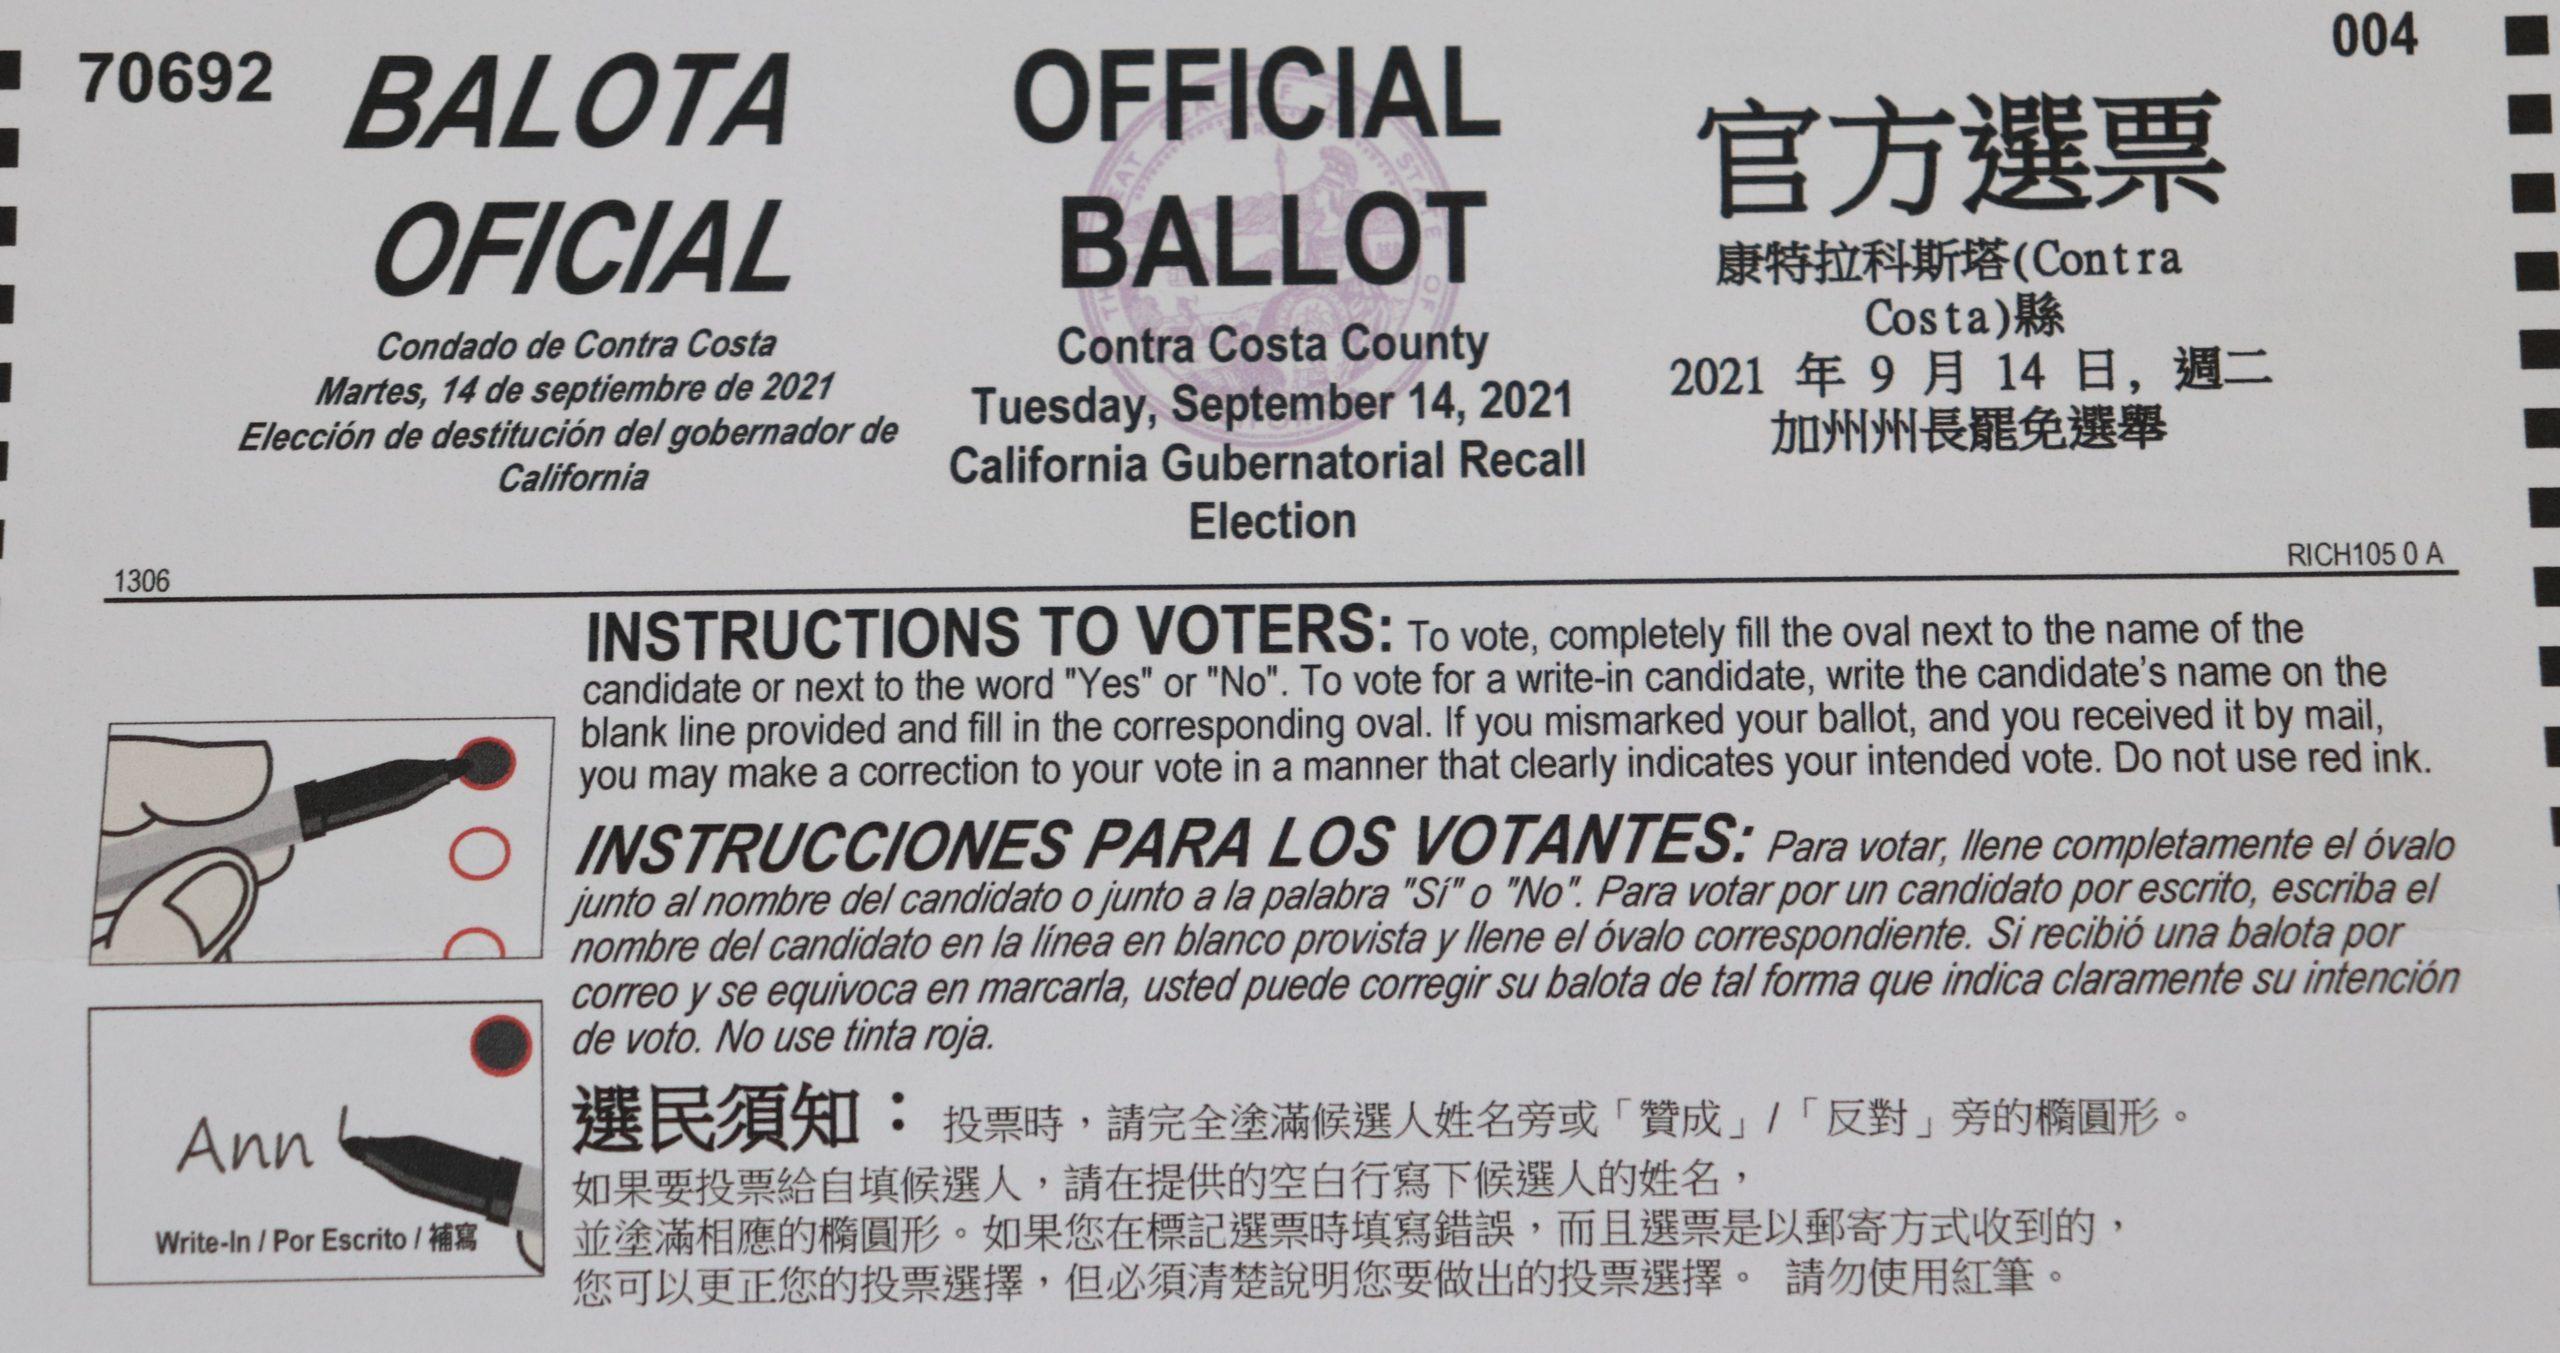 The top half of an official Contra Costa County ballot.